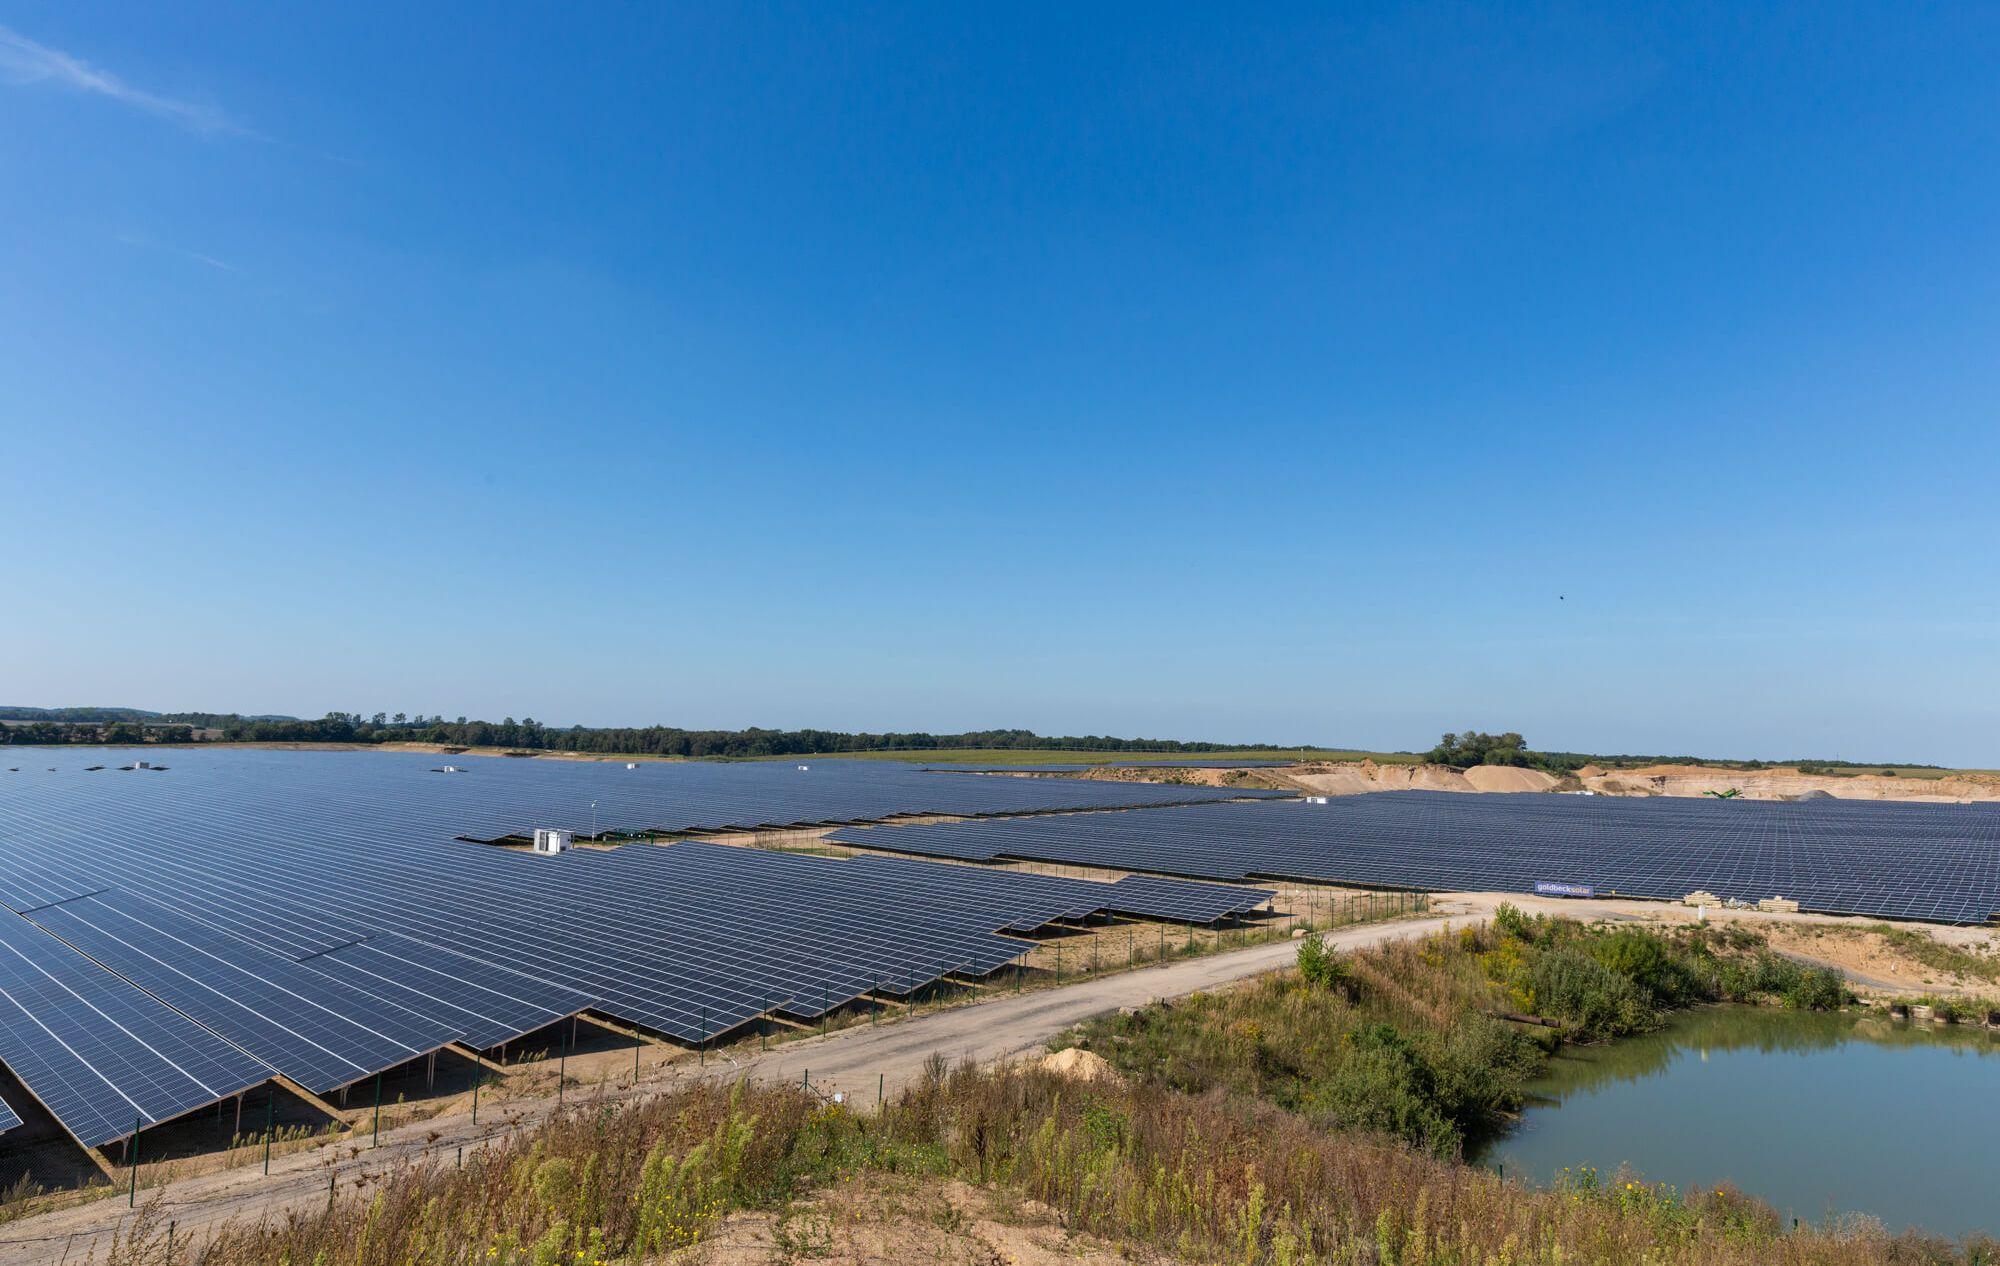 Der Solarpark in Zietlitz erbringt eine Leistung von mehr als 80 MWp. Stephan Rudolph-Kramer / WEMAG